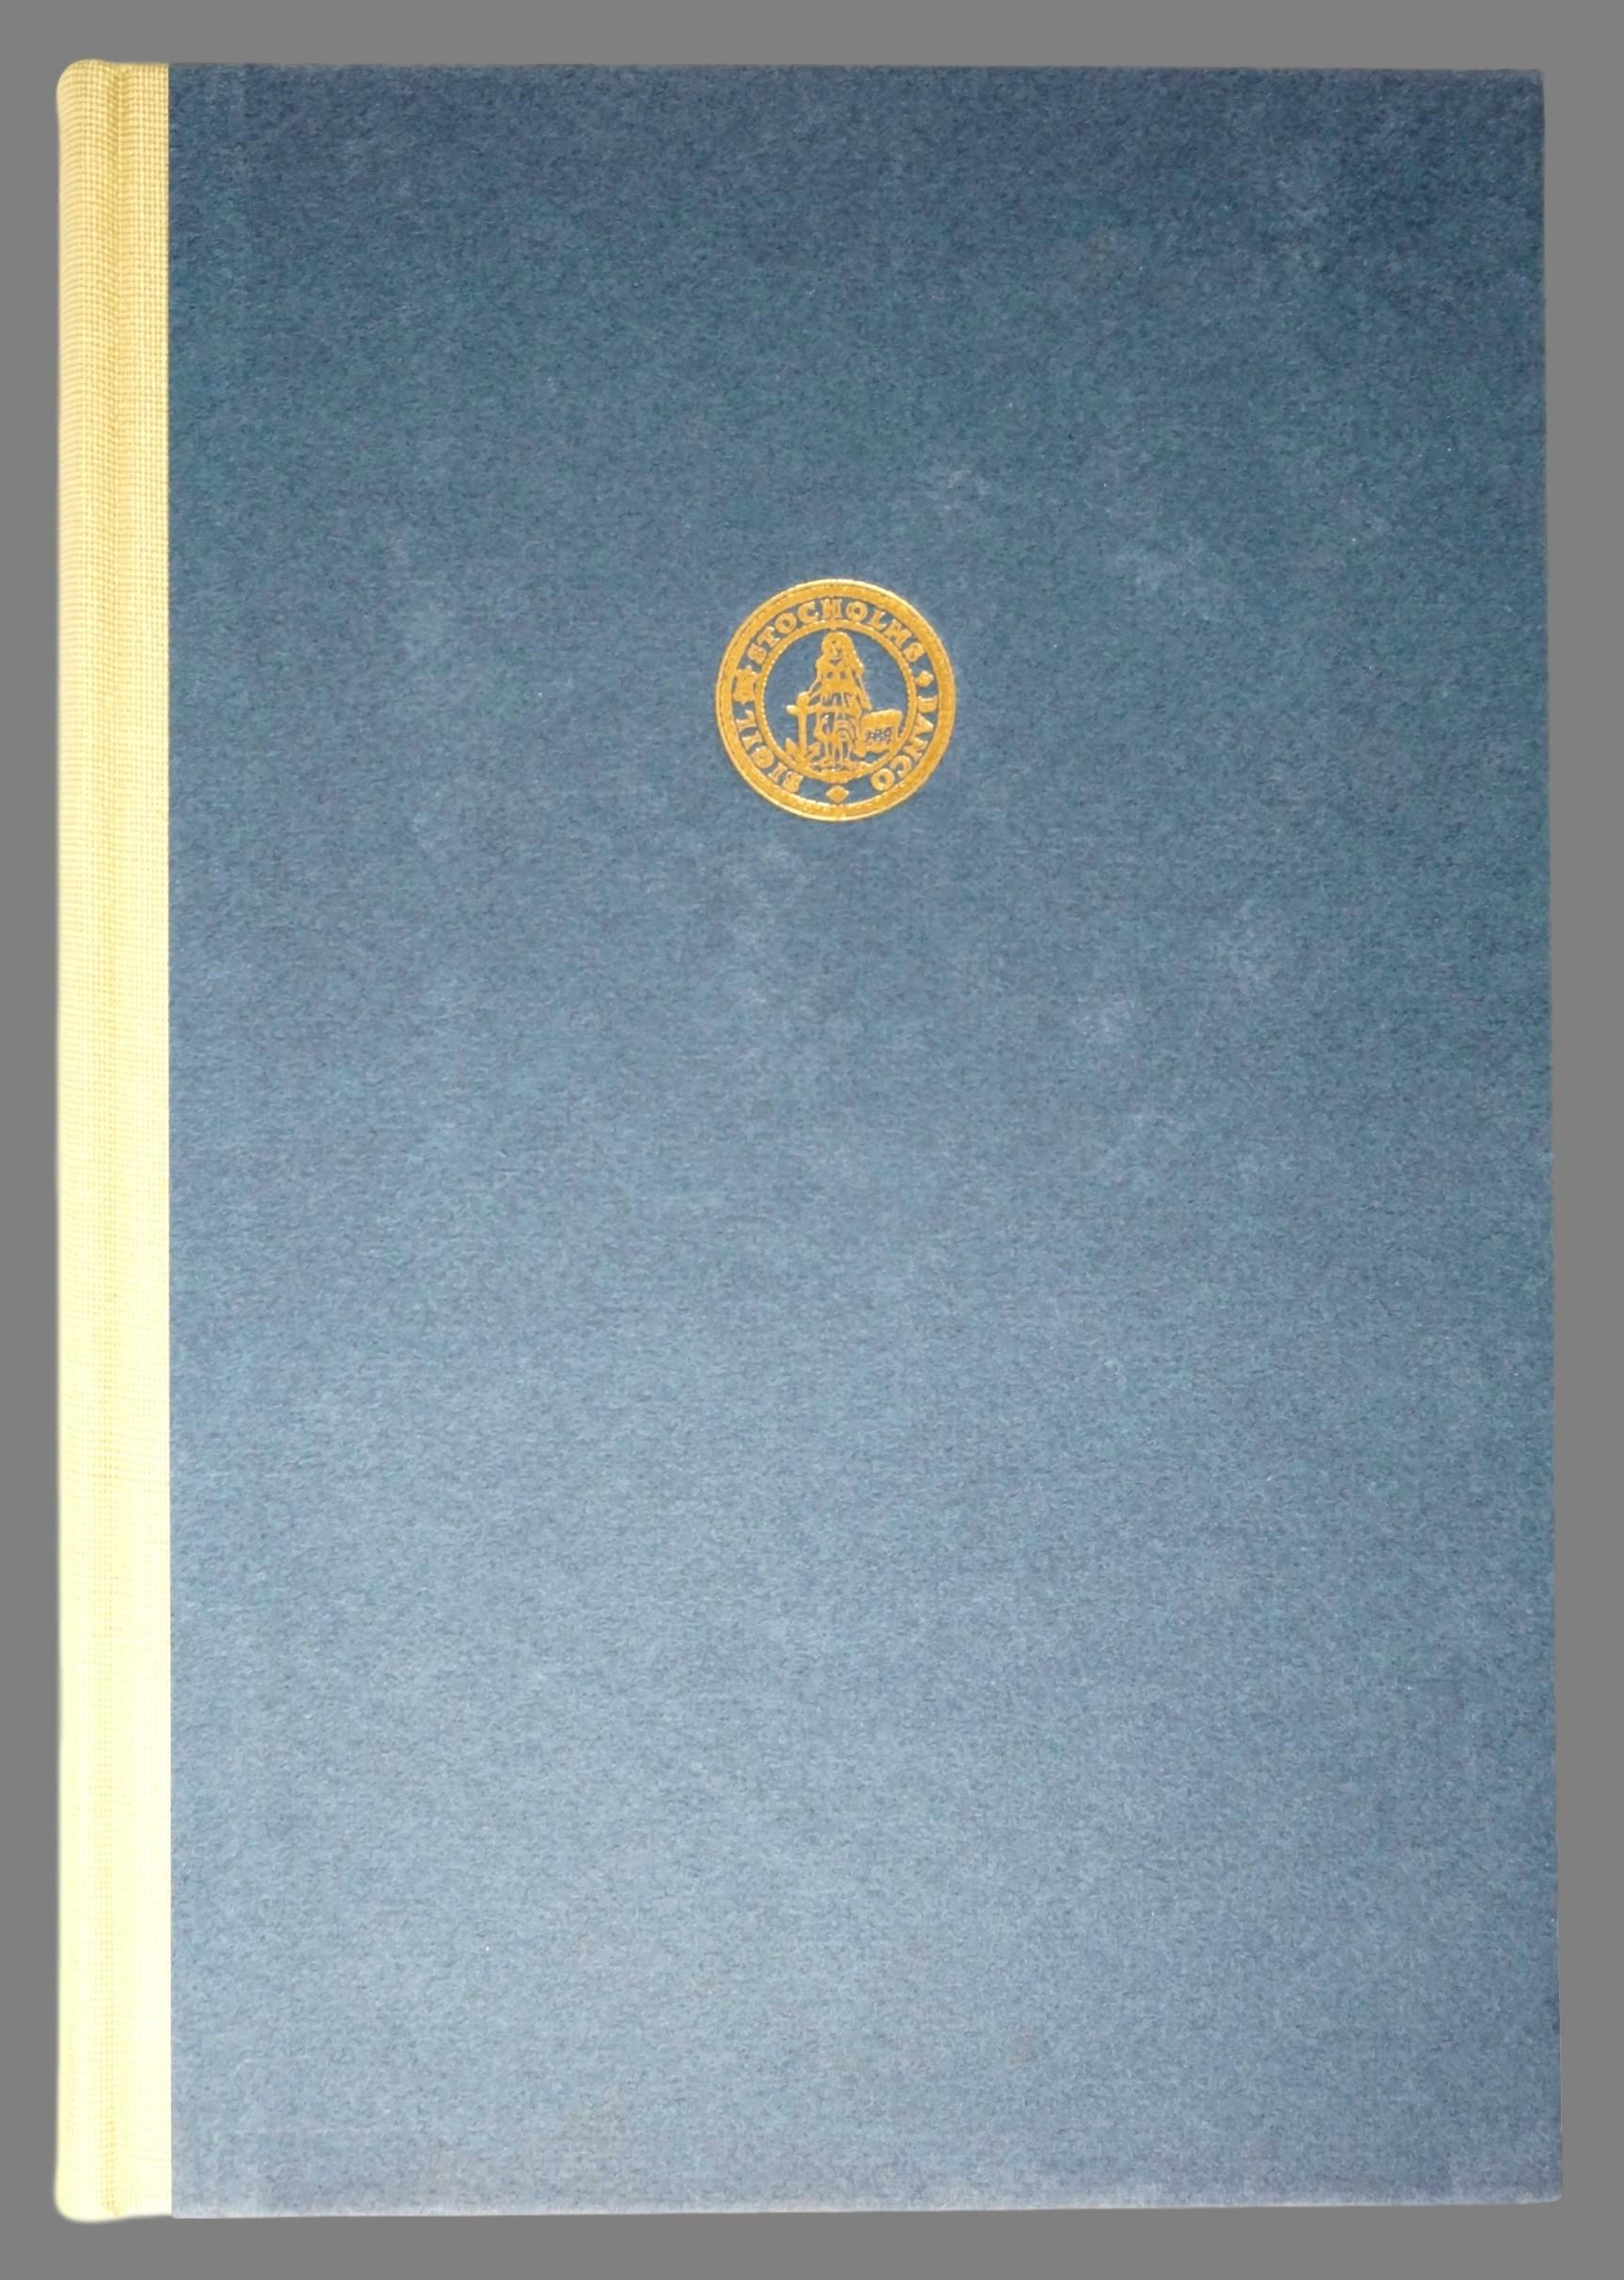 Sveriges första banksedlar. Stockholms Bancos sedelutgivning 1661-1668.